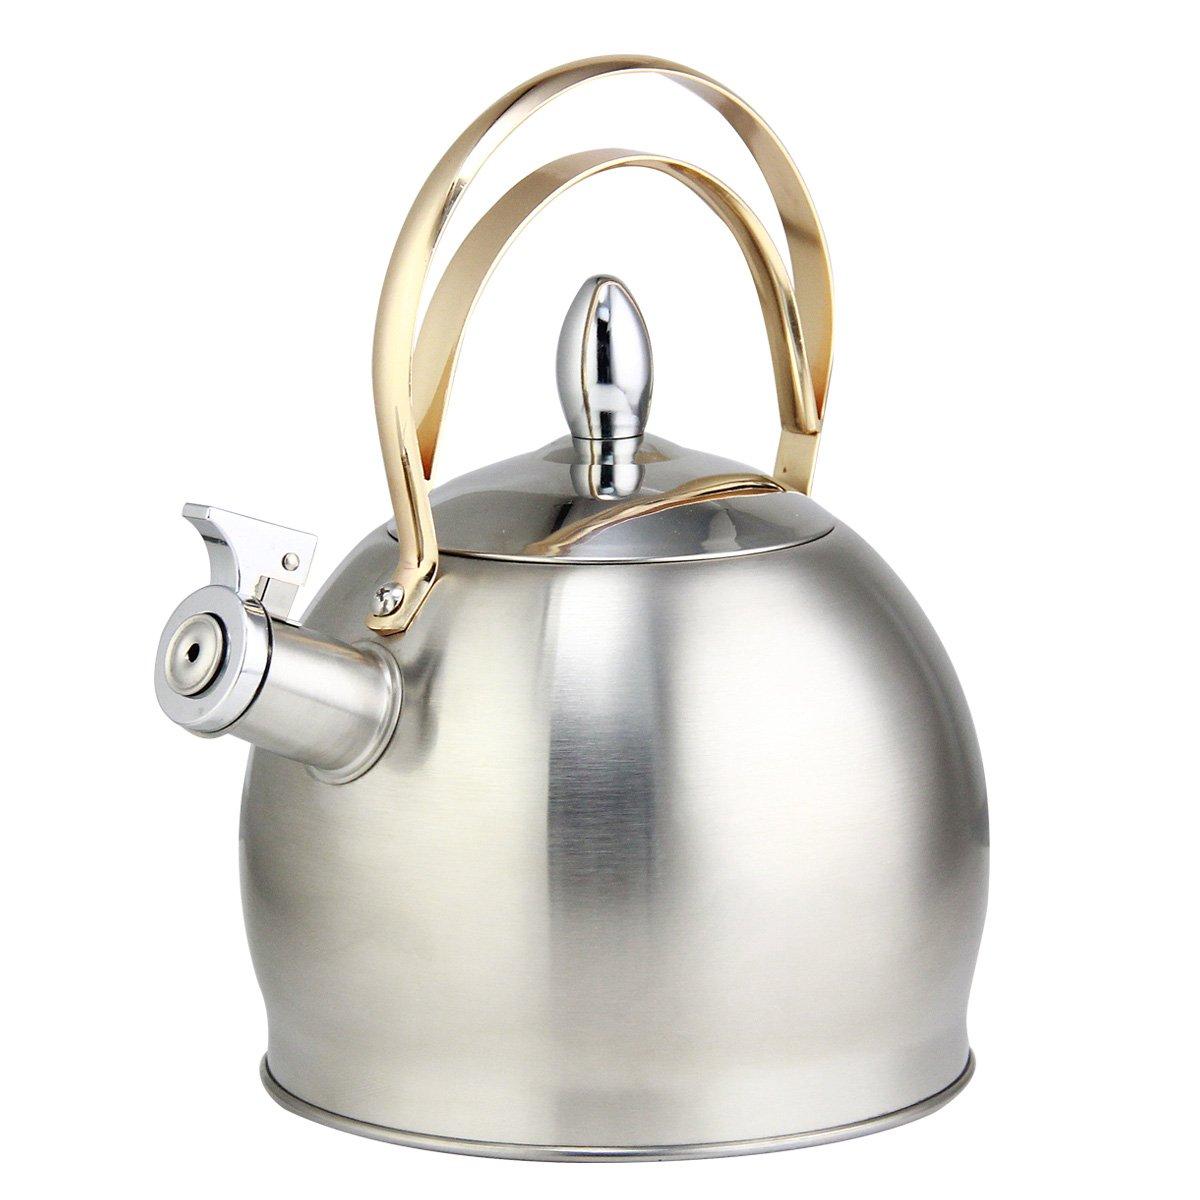 Bollitore a fischio in acciaio INOX Riwendell 3.2-quart, bollitore teiera con manico in rame GS-04043G-3.0L Silver SYNCHKG110150